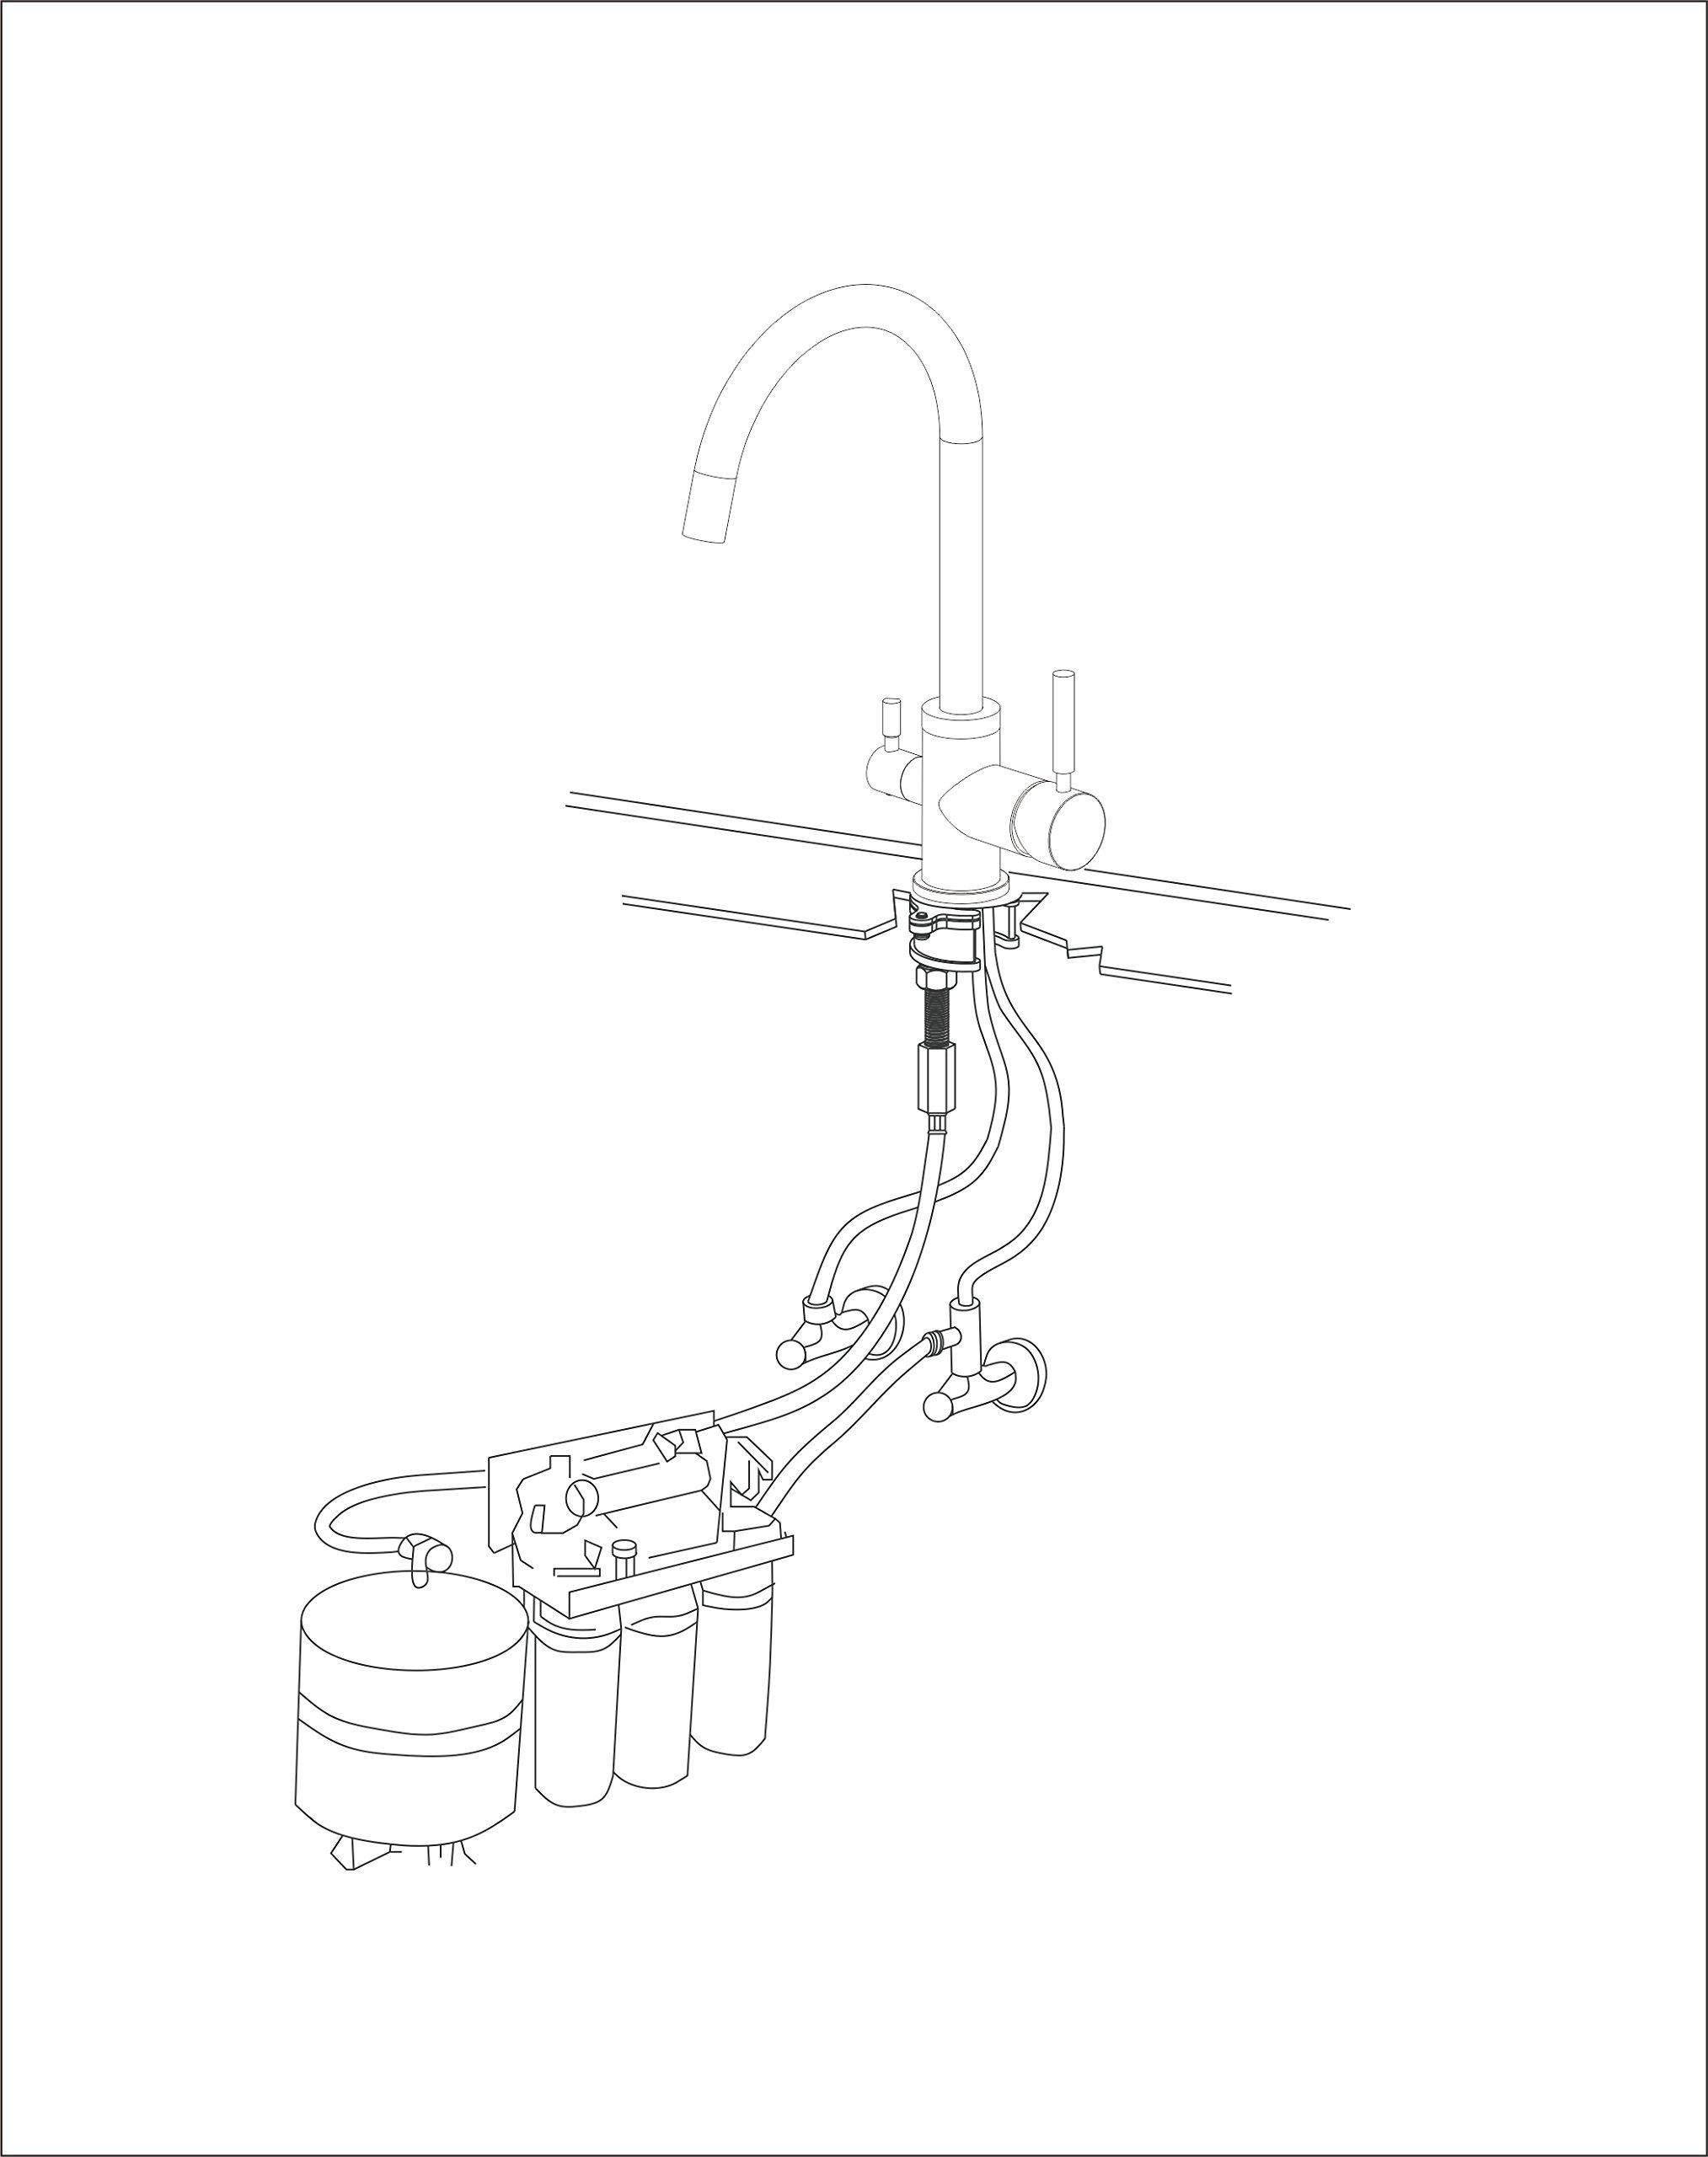 71Sjy8e3ZEL - smardy DUO302 Caño Giratorio 360° Grifo 3 Vias para osmosis inversa Agua Purificada (RO) Mangueras Conexión 3/8